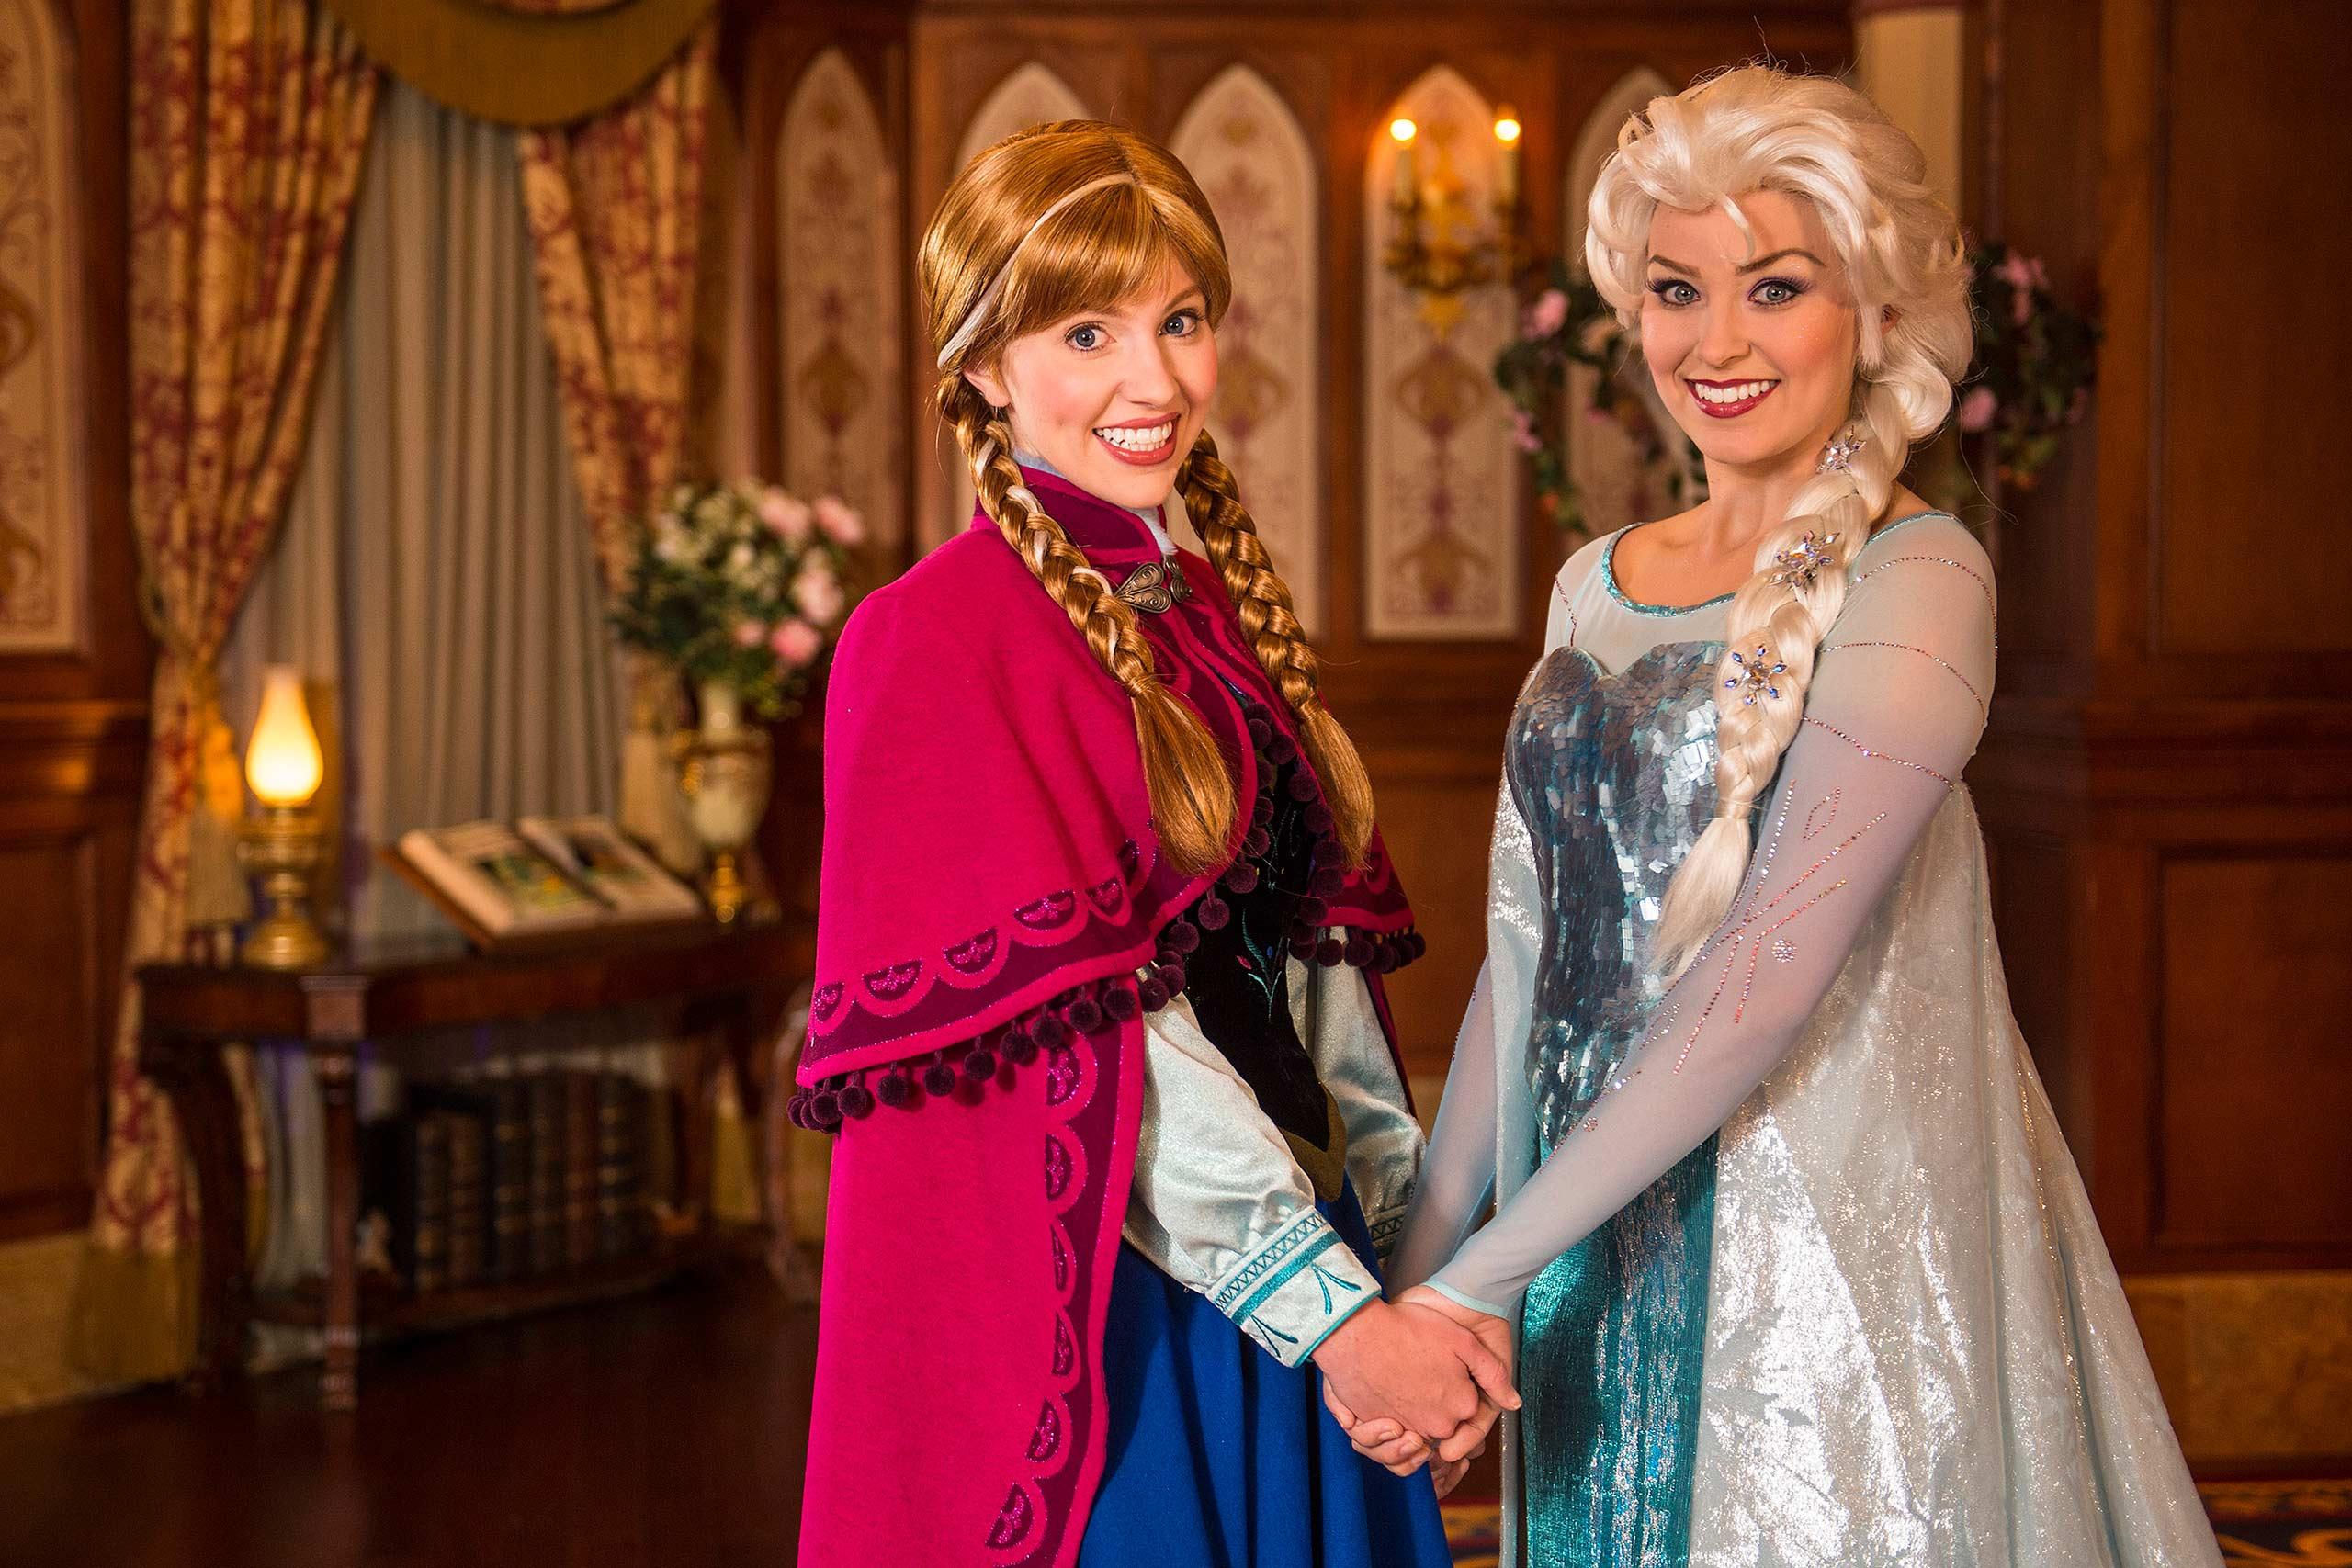 Elsa and Anna at Princess Fairytale Hall